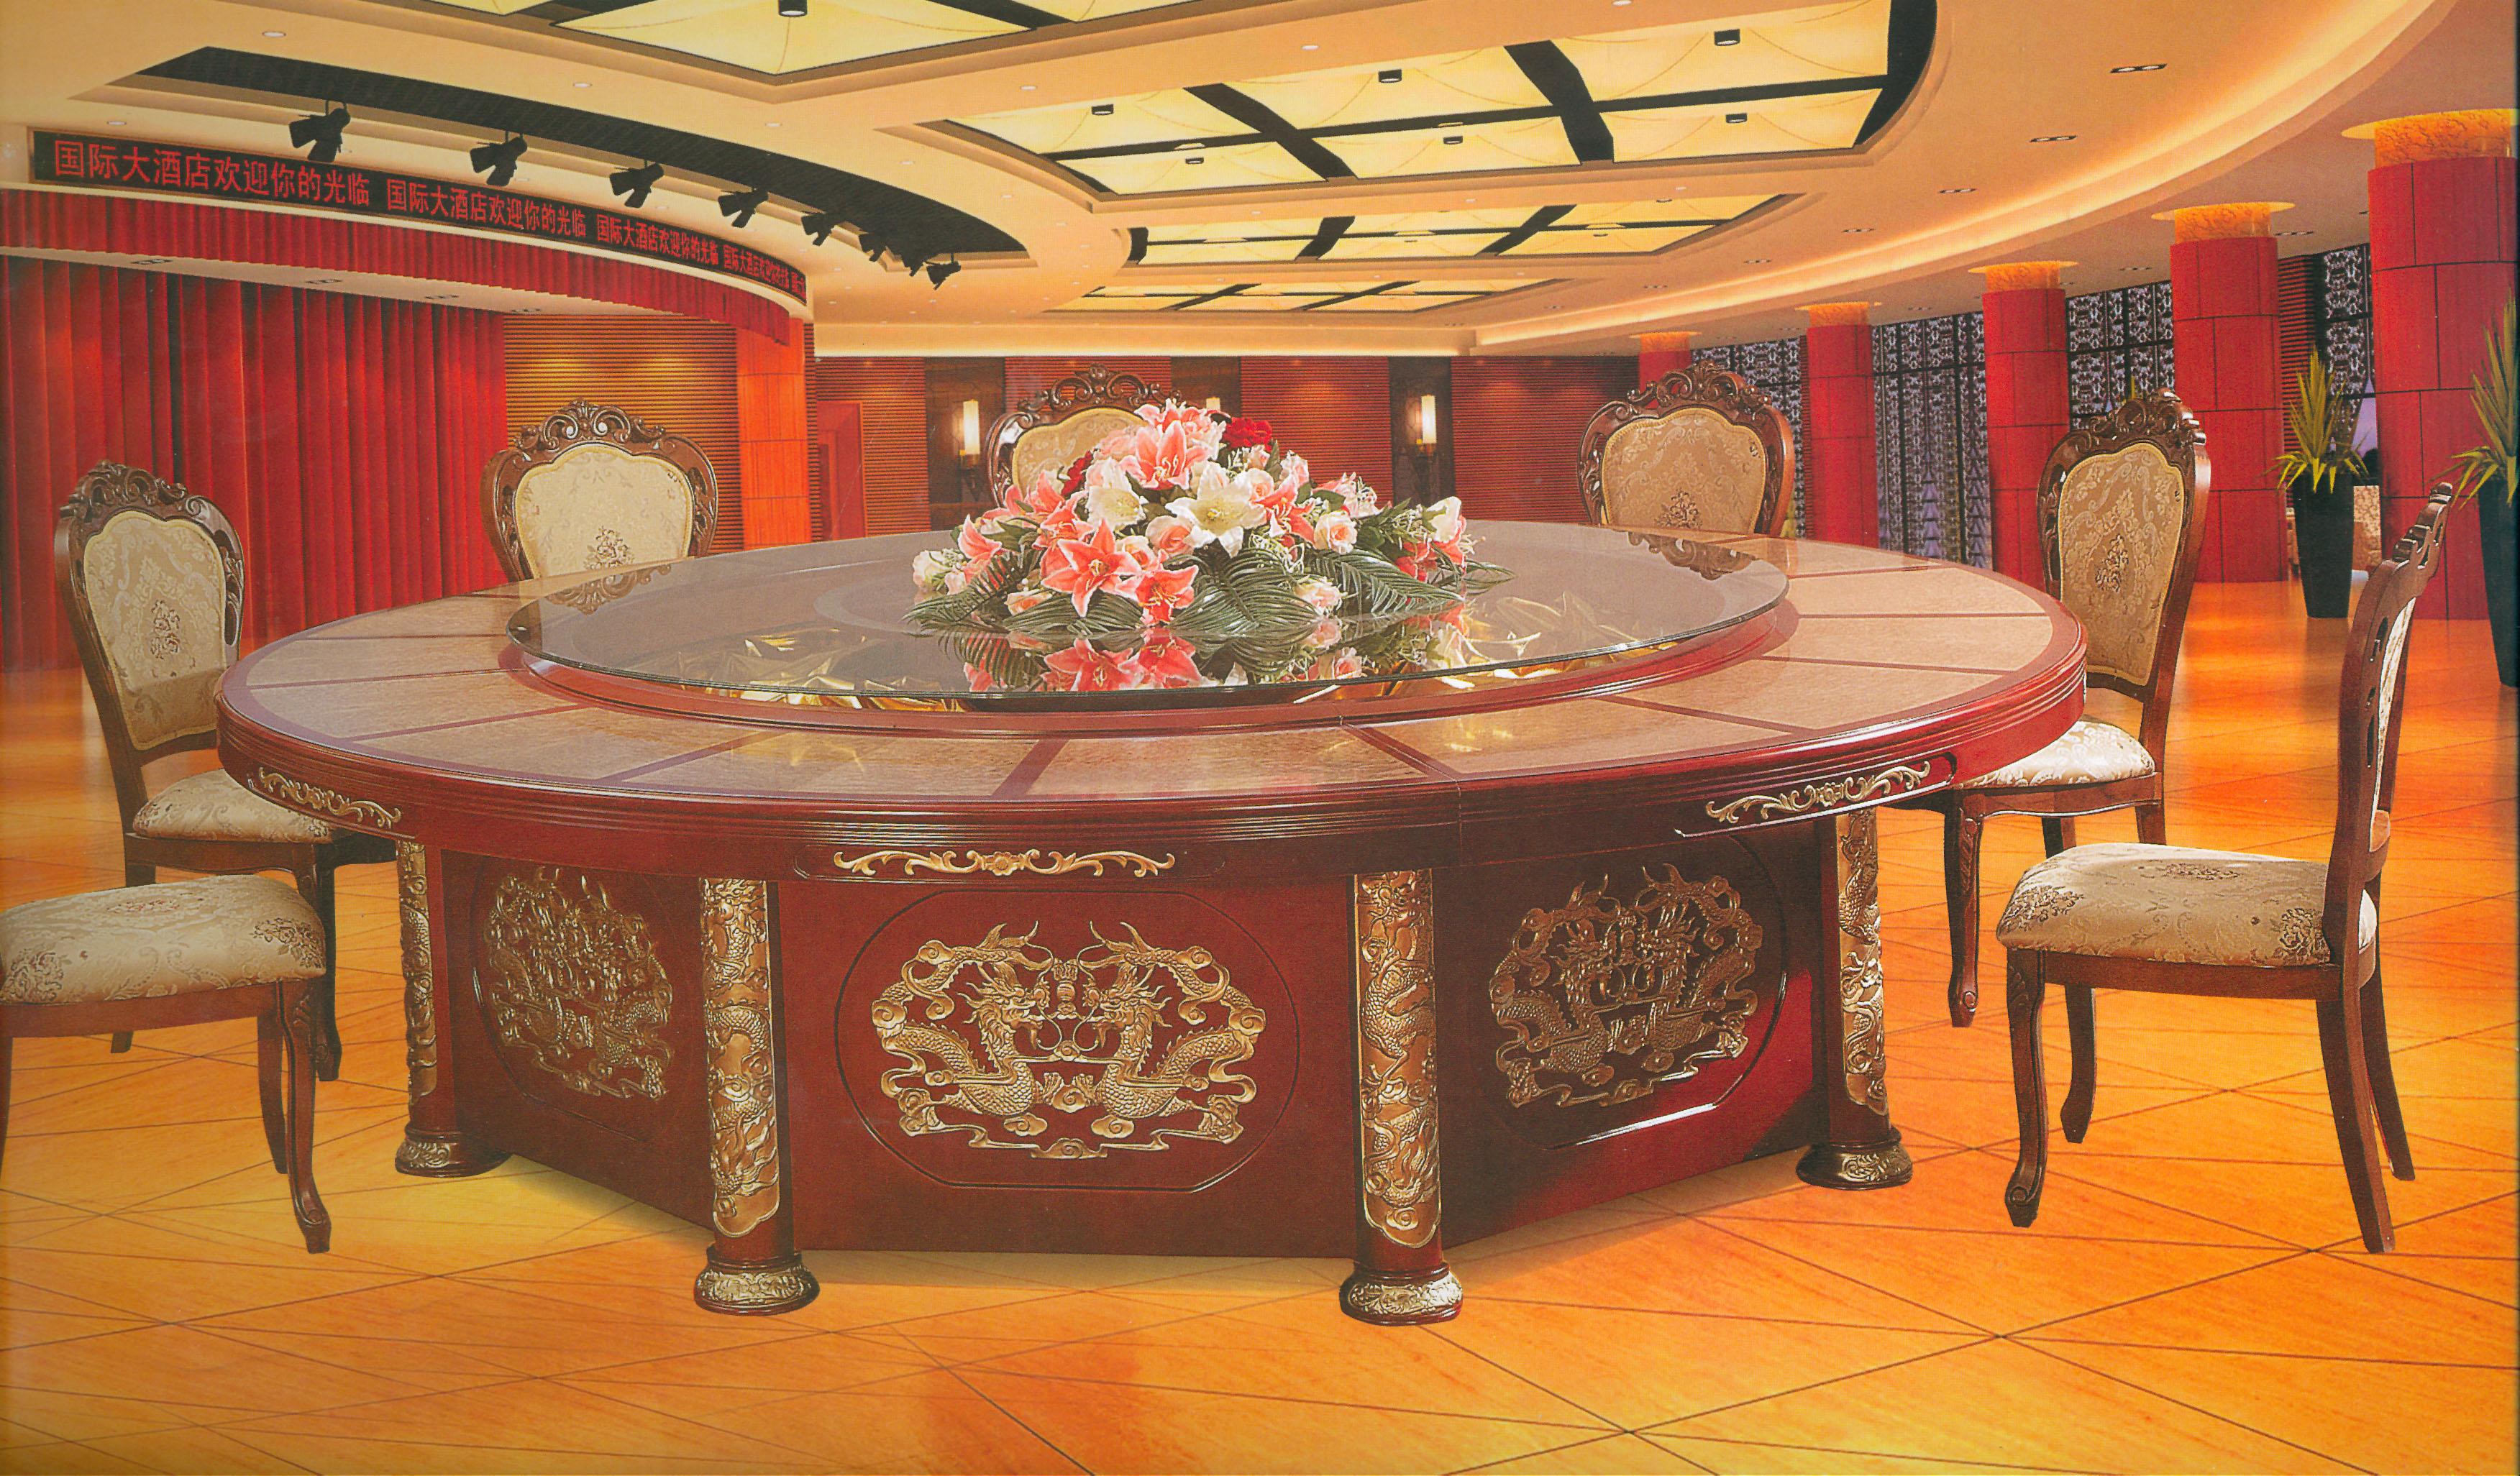 临夏电动餐桌-兰州质量有保证的电动餐桌,就在精诚集雅酒店家具